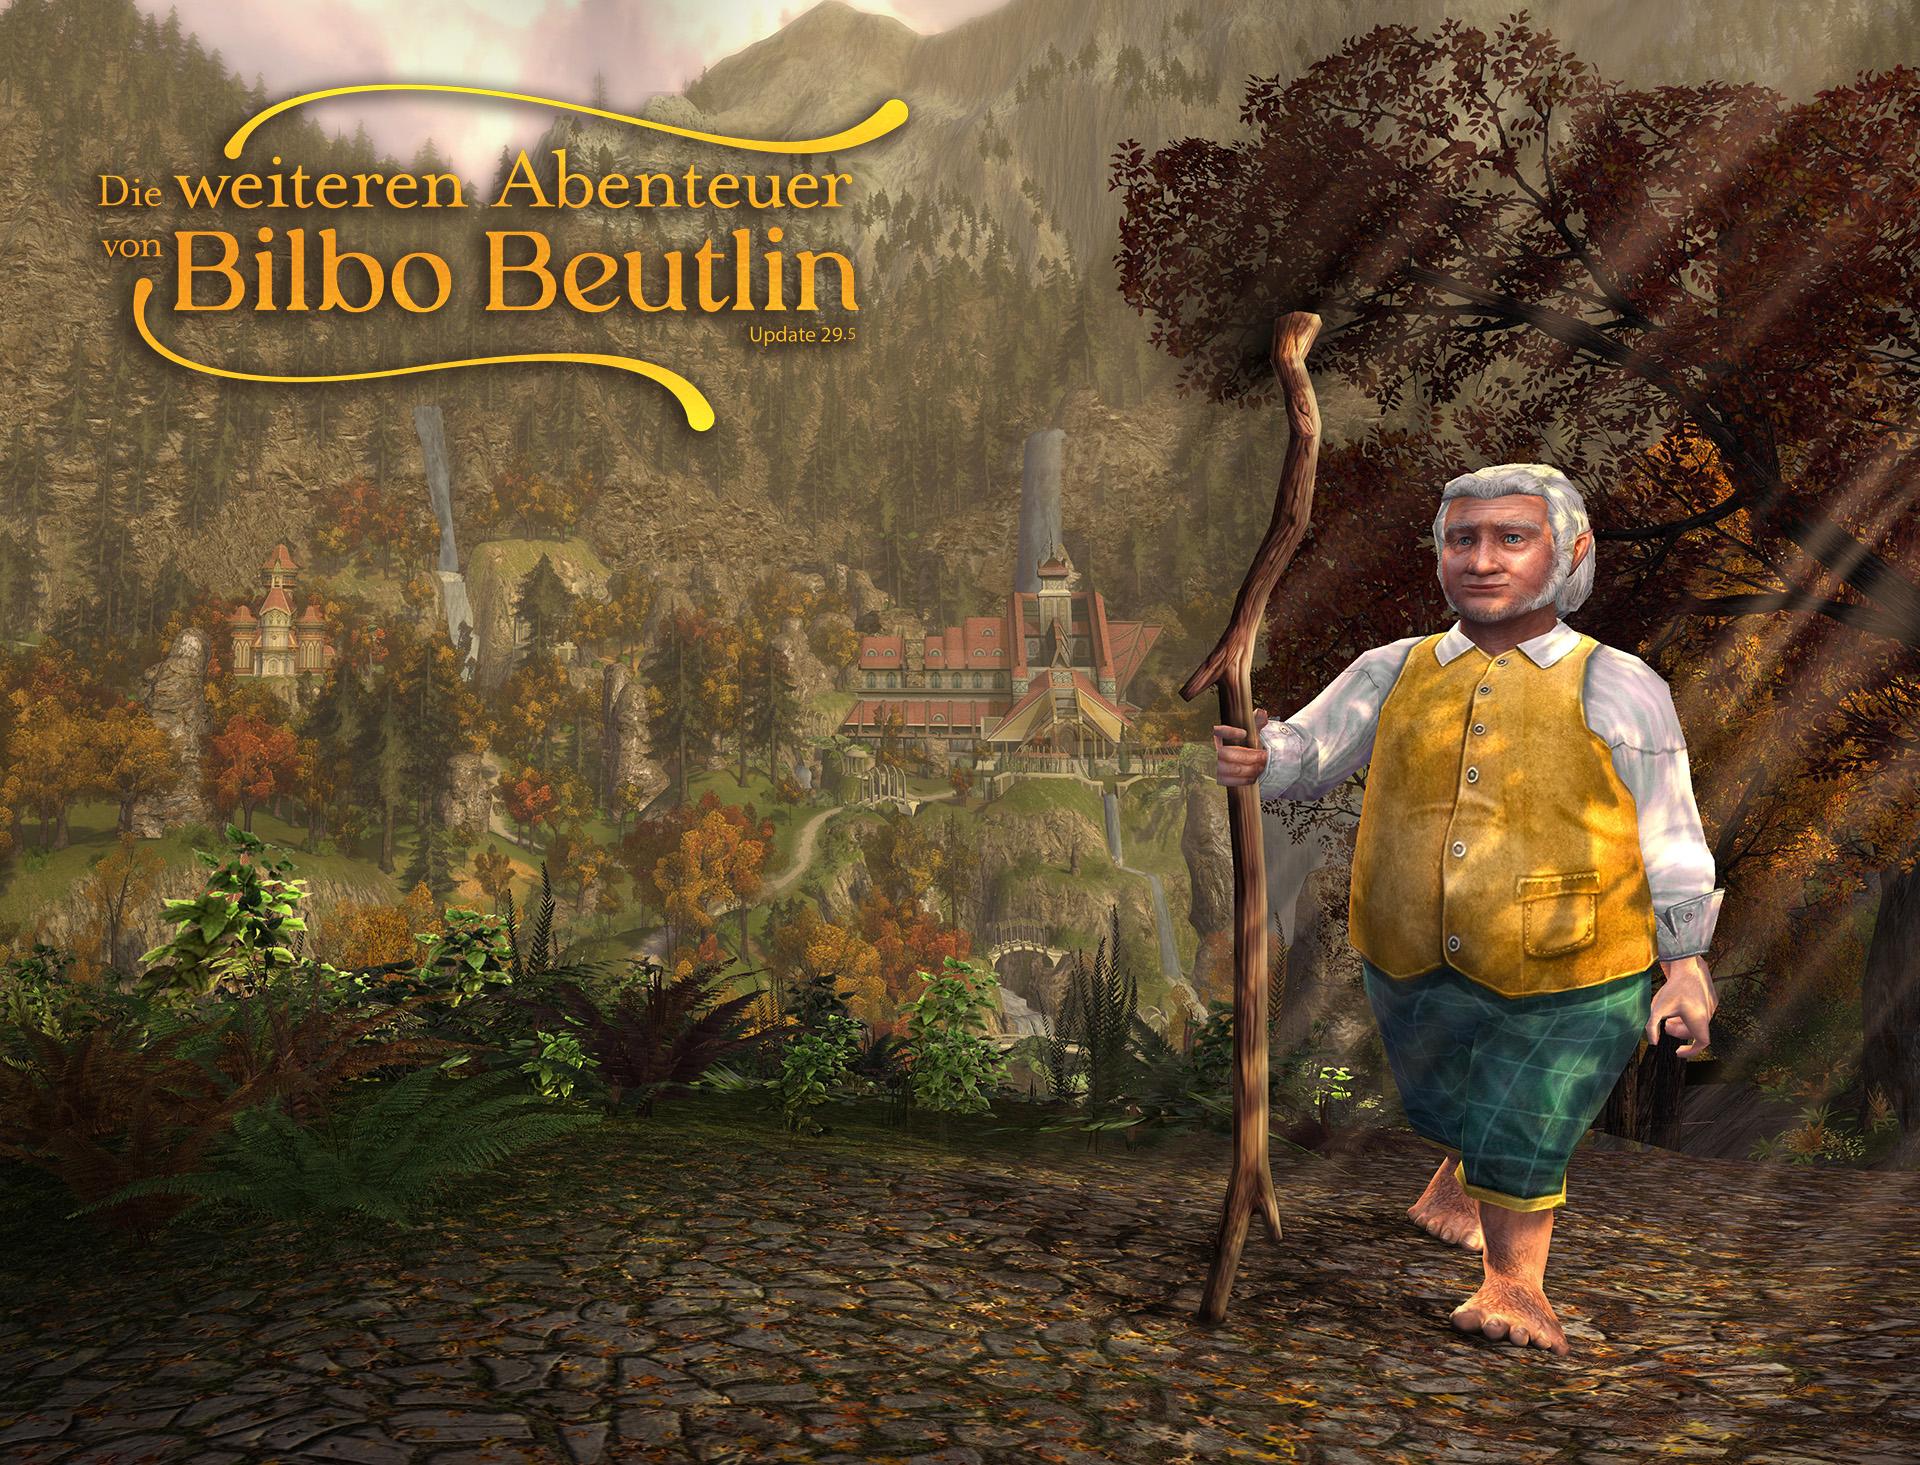 """""""Die weiteren Abenteuer von Bilbo Beutlin"""" (Windows / MAC PC) kostenlos für ´Der Herr der Ringe Online´"""